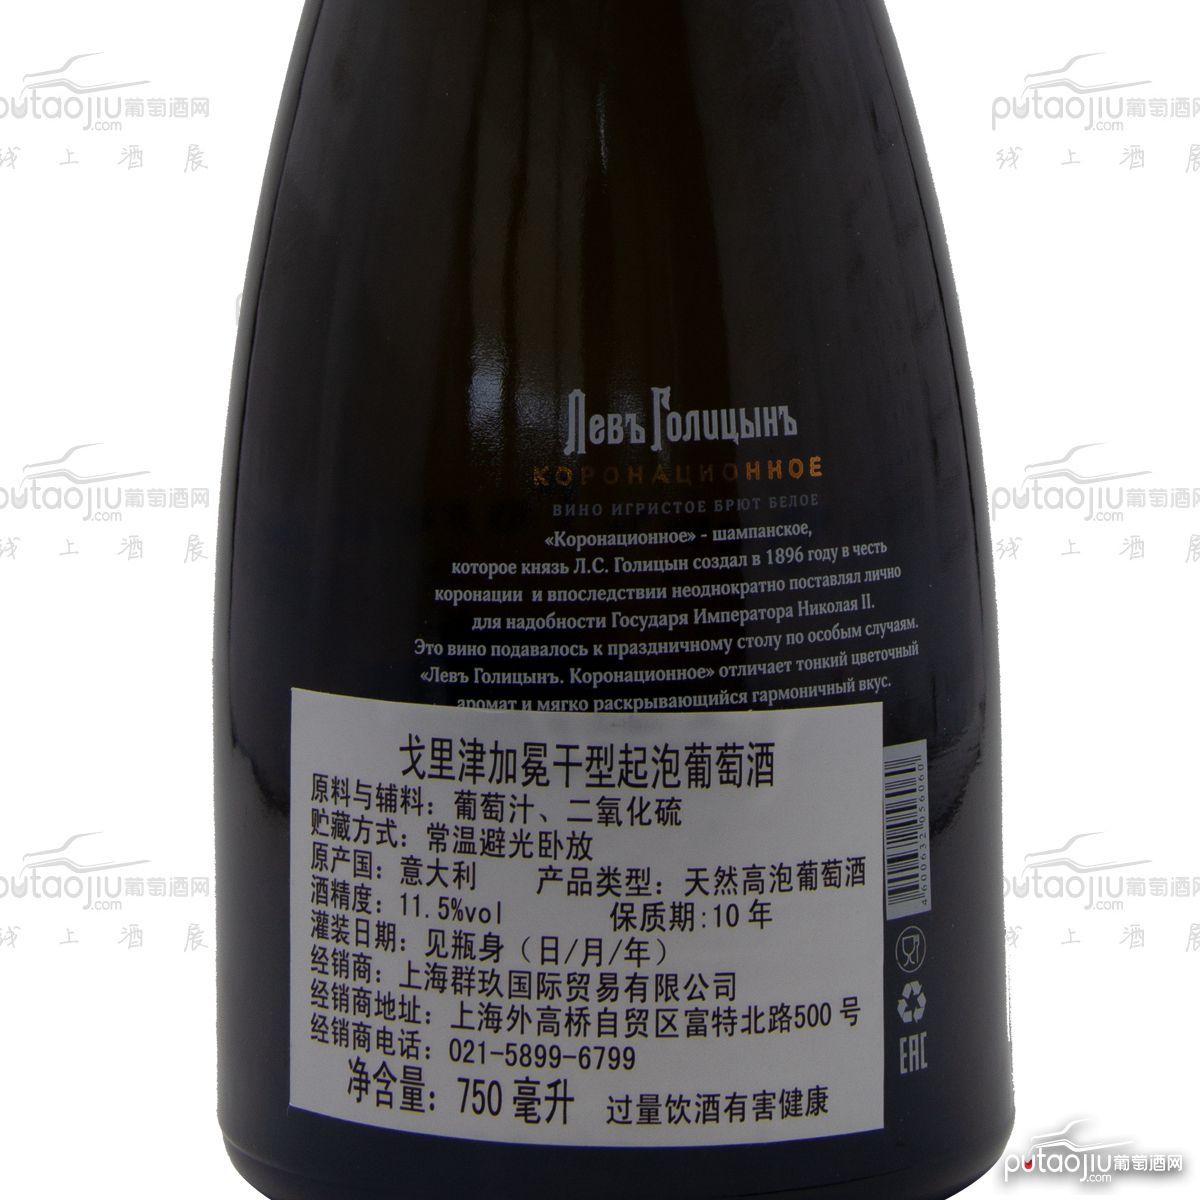 意大利戈里津霞多丽长相思加冕干型起泡葡萄酒